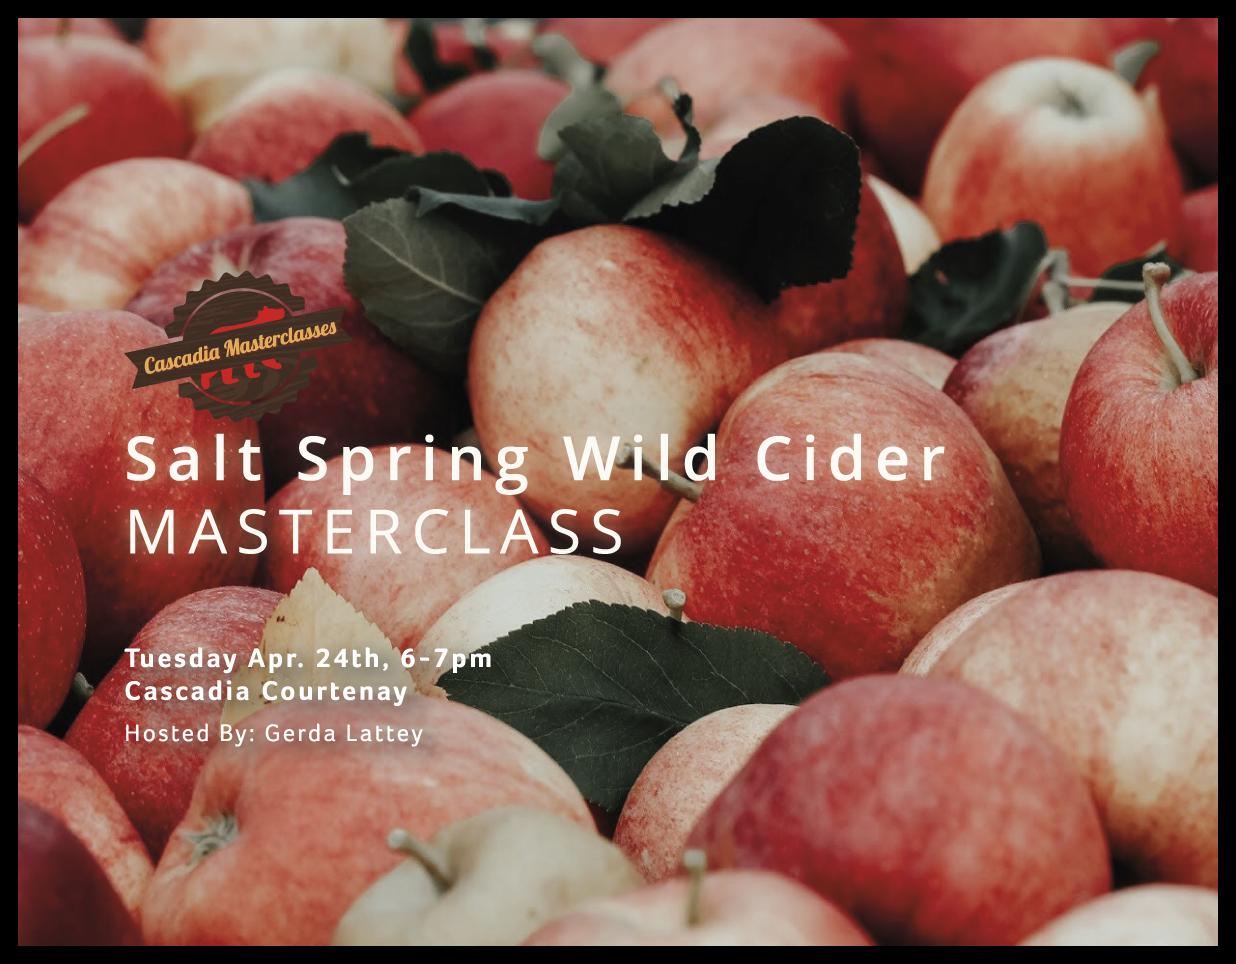 Courtenay masterclass, Salt Spring Wild Cider